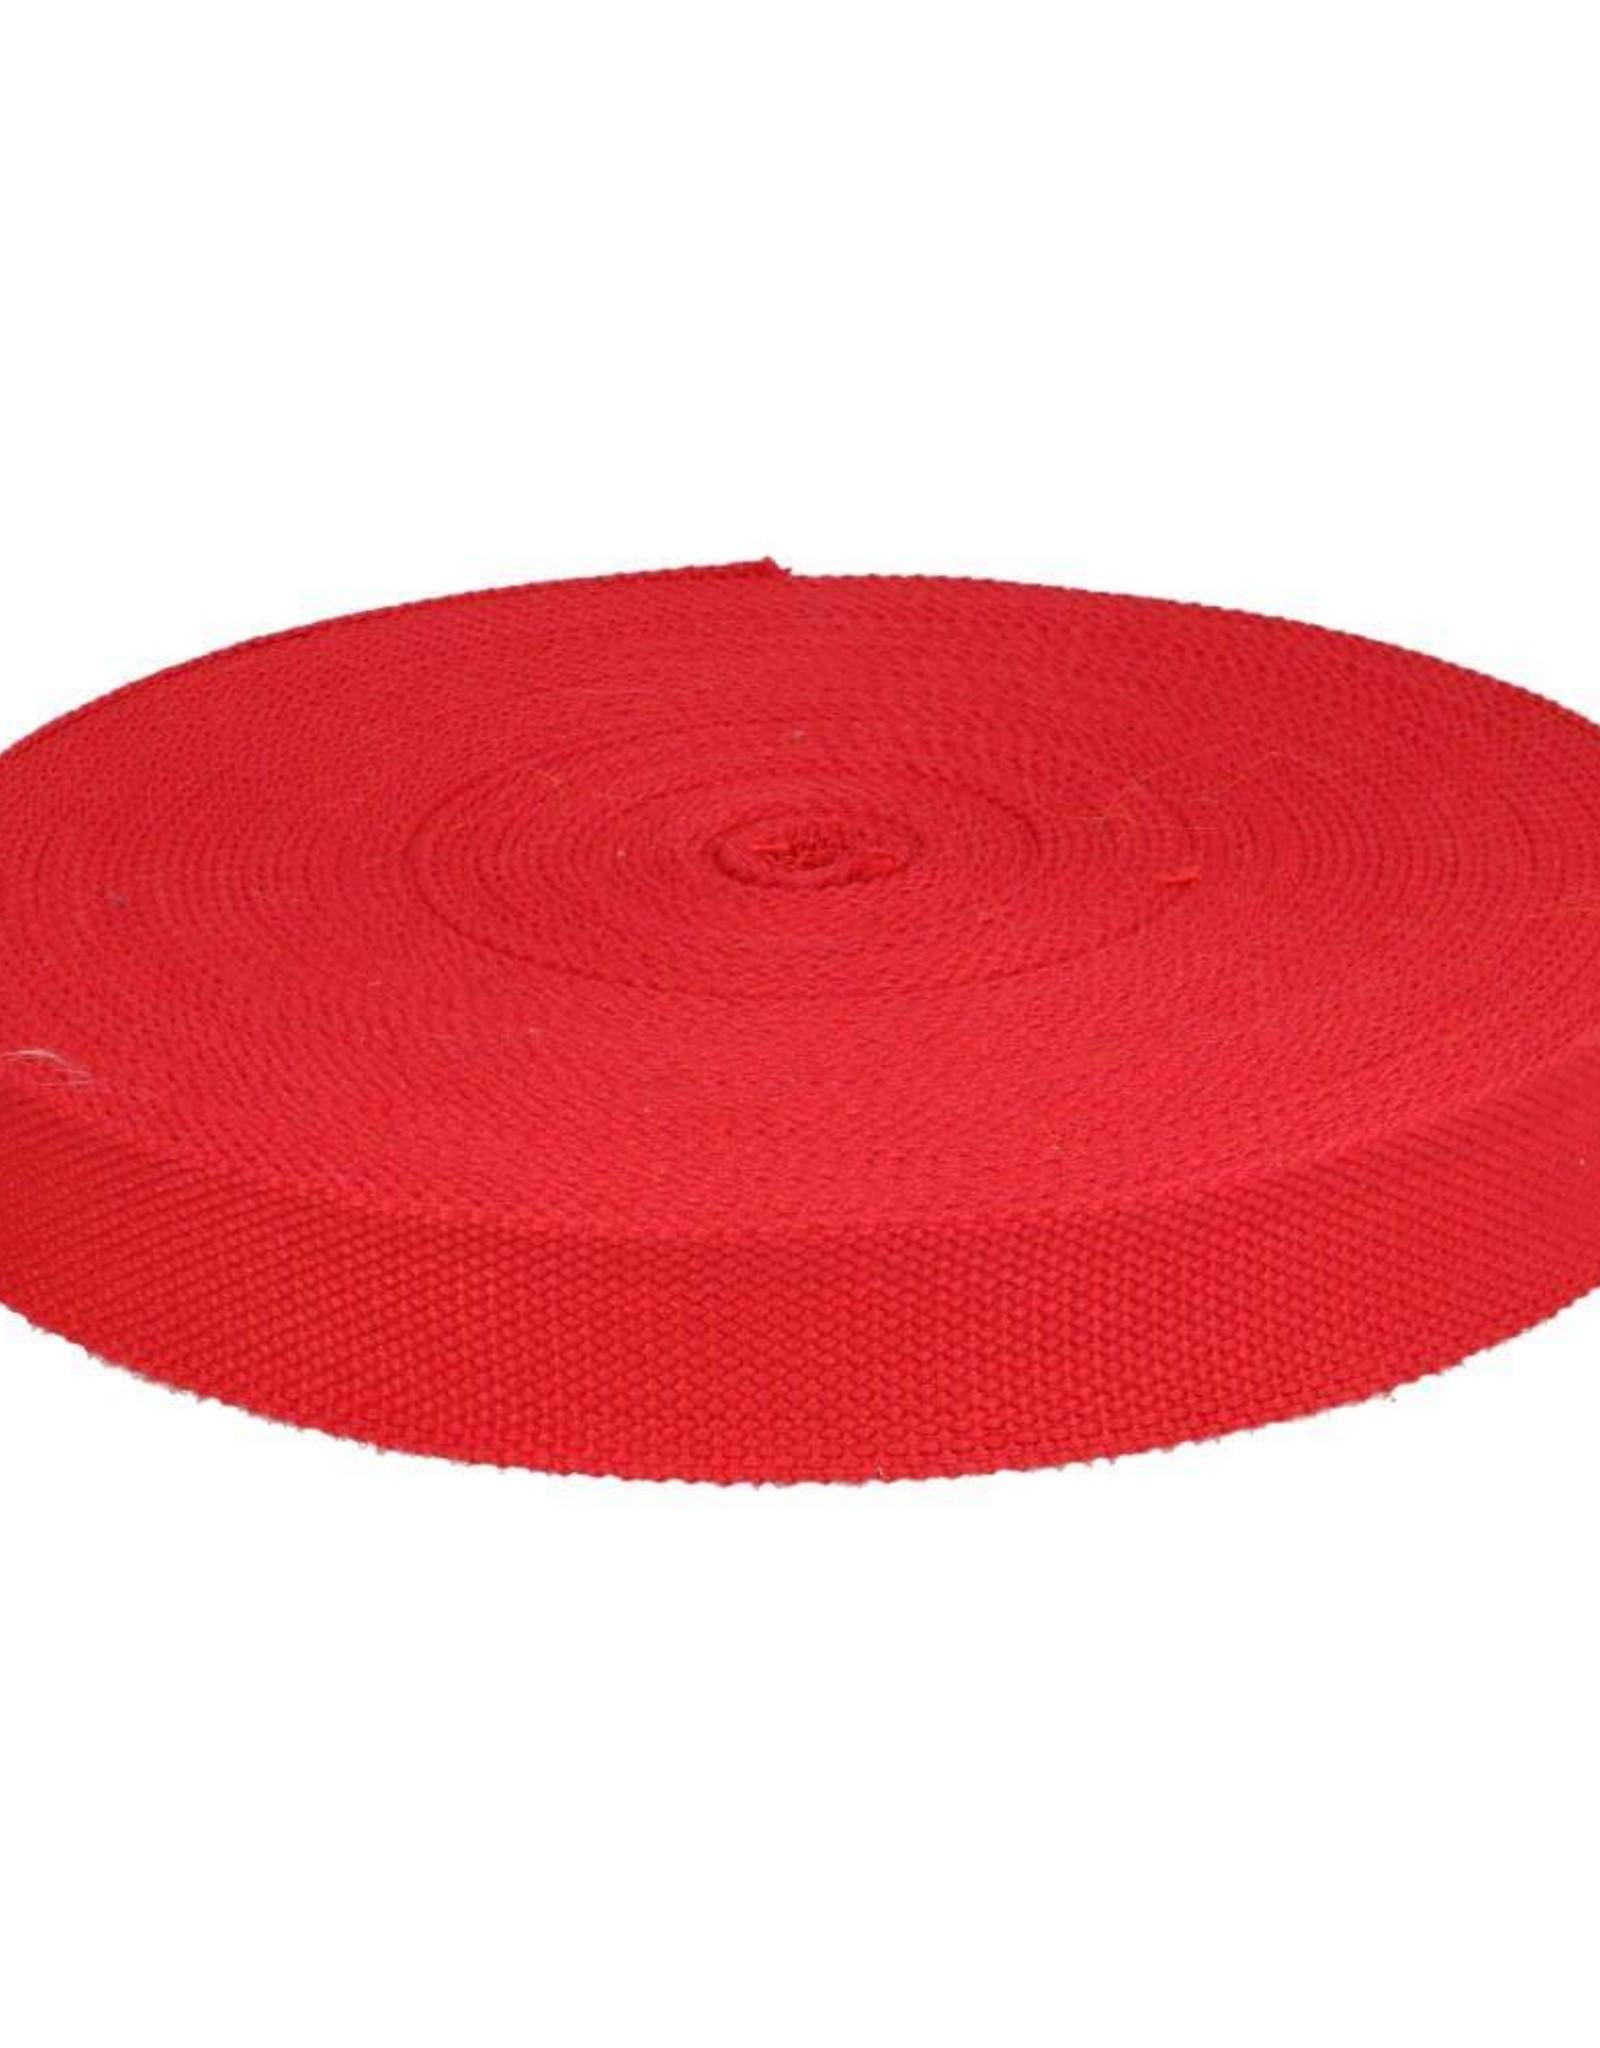 Tassenband -  Rood